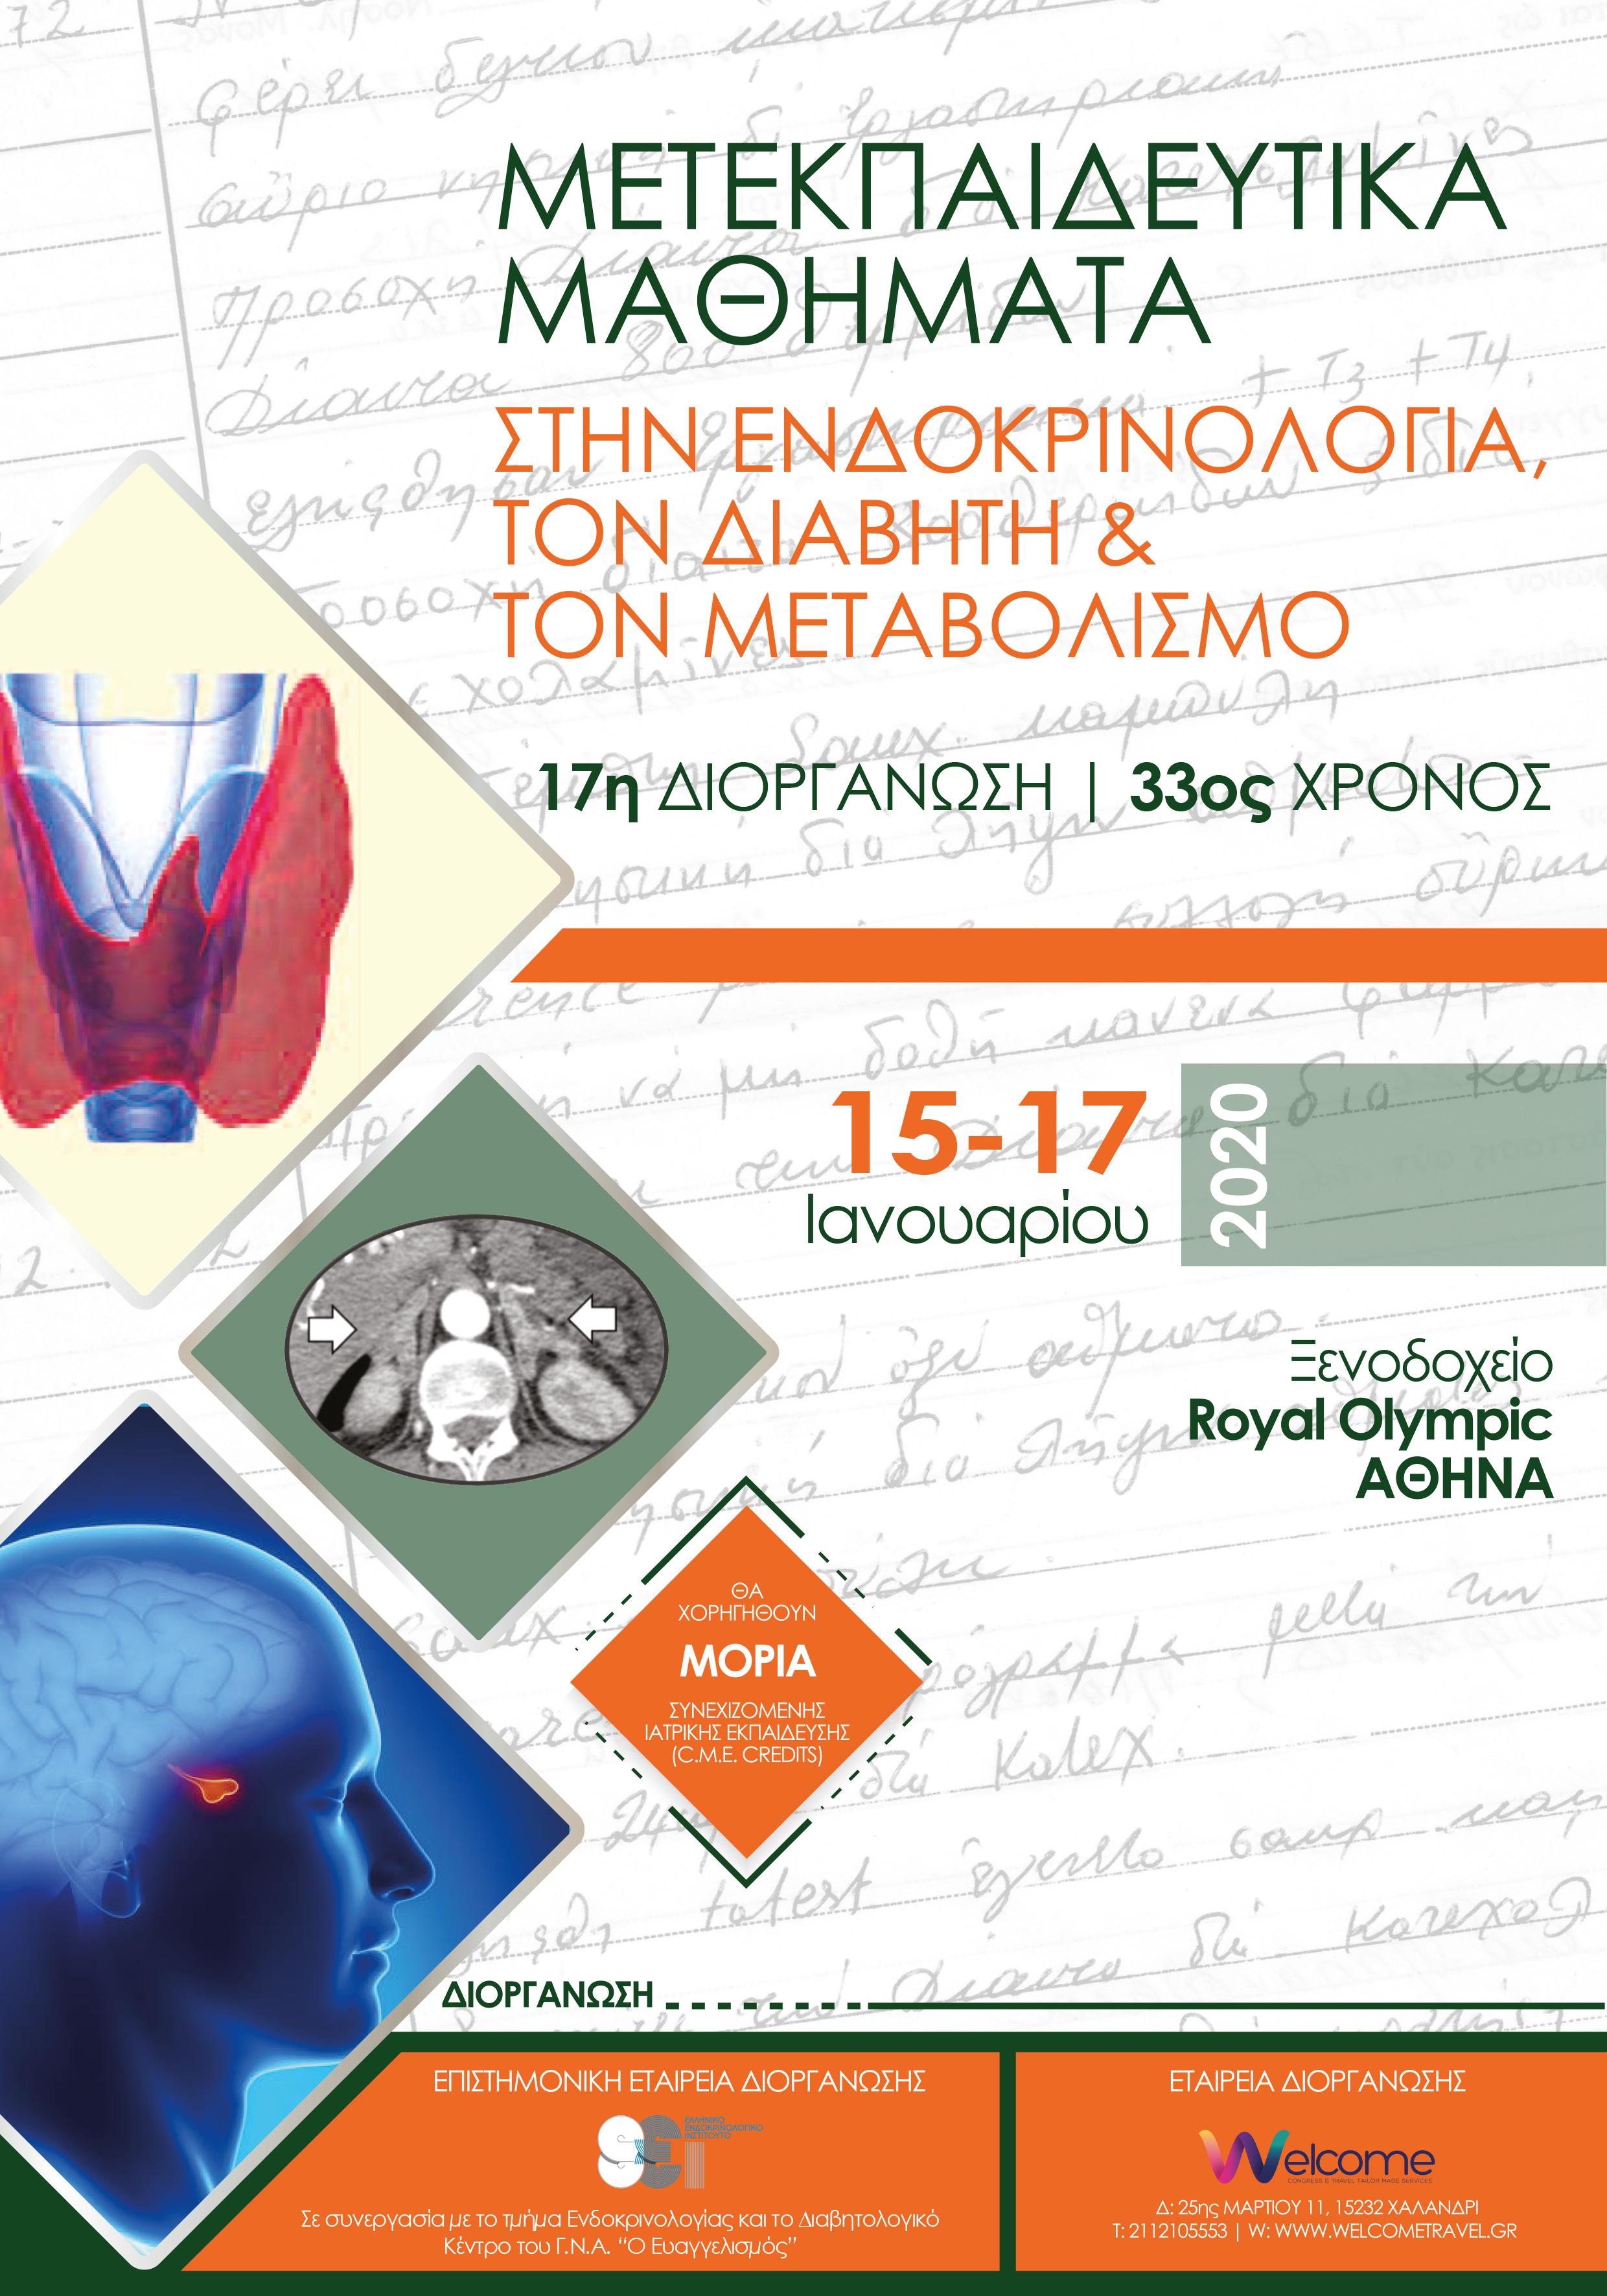 Μετεκπαιδευτικά Μαθήματα στην Ενδοκρινολογία, τον Διαβήτη & τον Μεταβολισμό